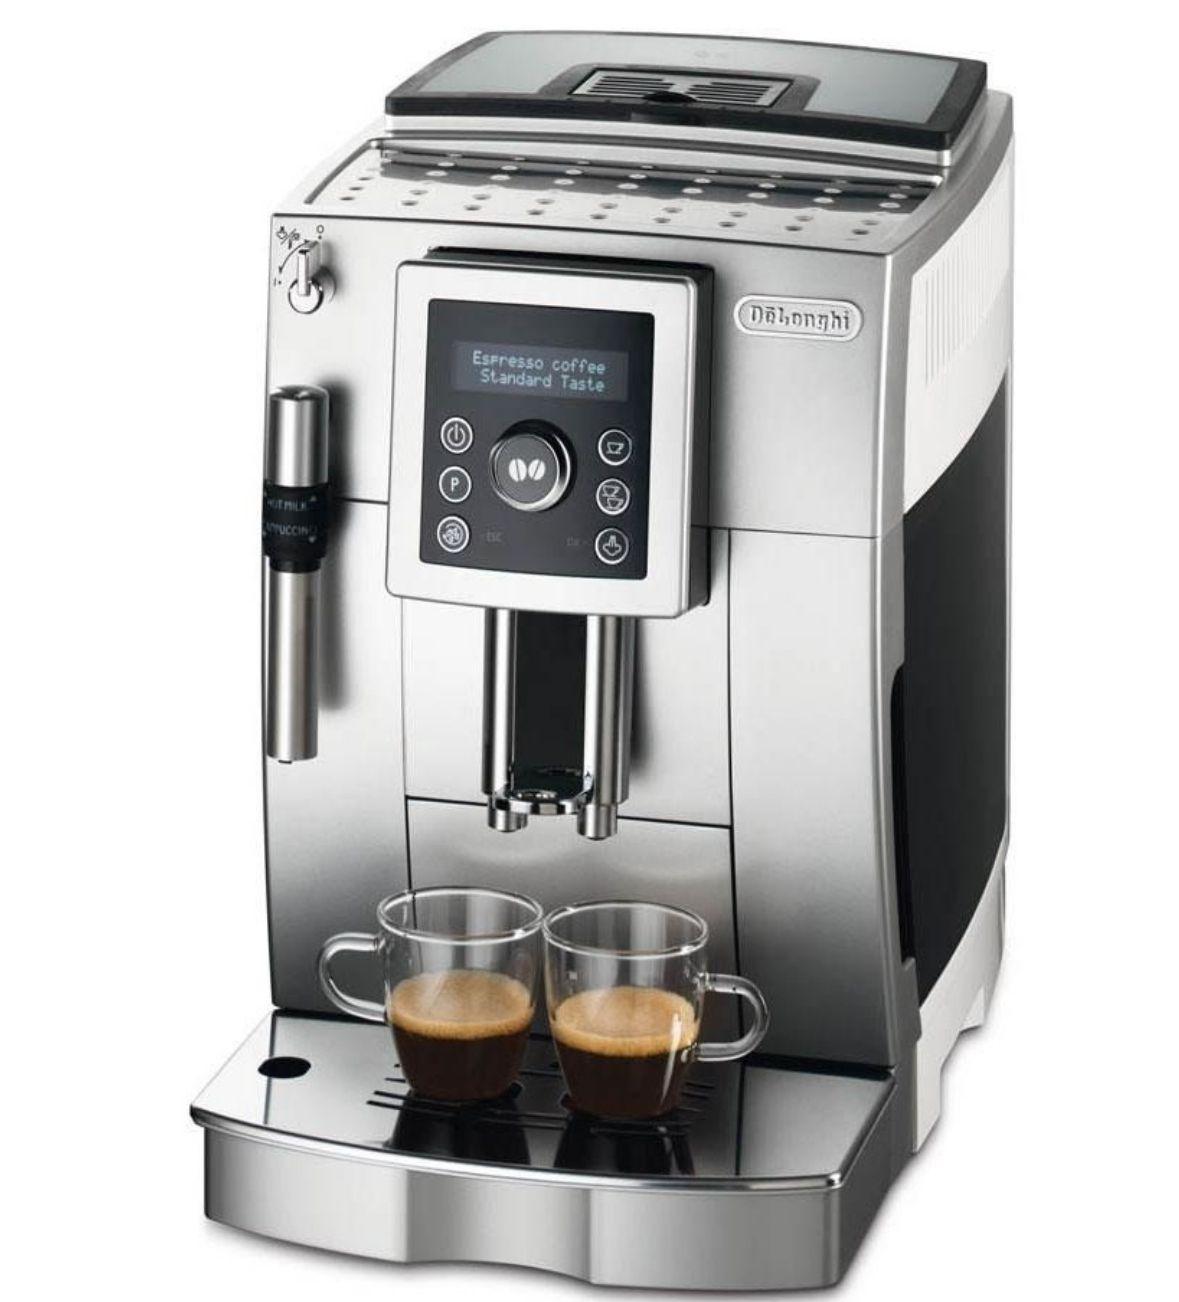 Kaffeevollautomat Delonghi 23.420 [rakuten] plus 32,13€ in Superpunkten